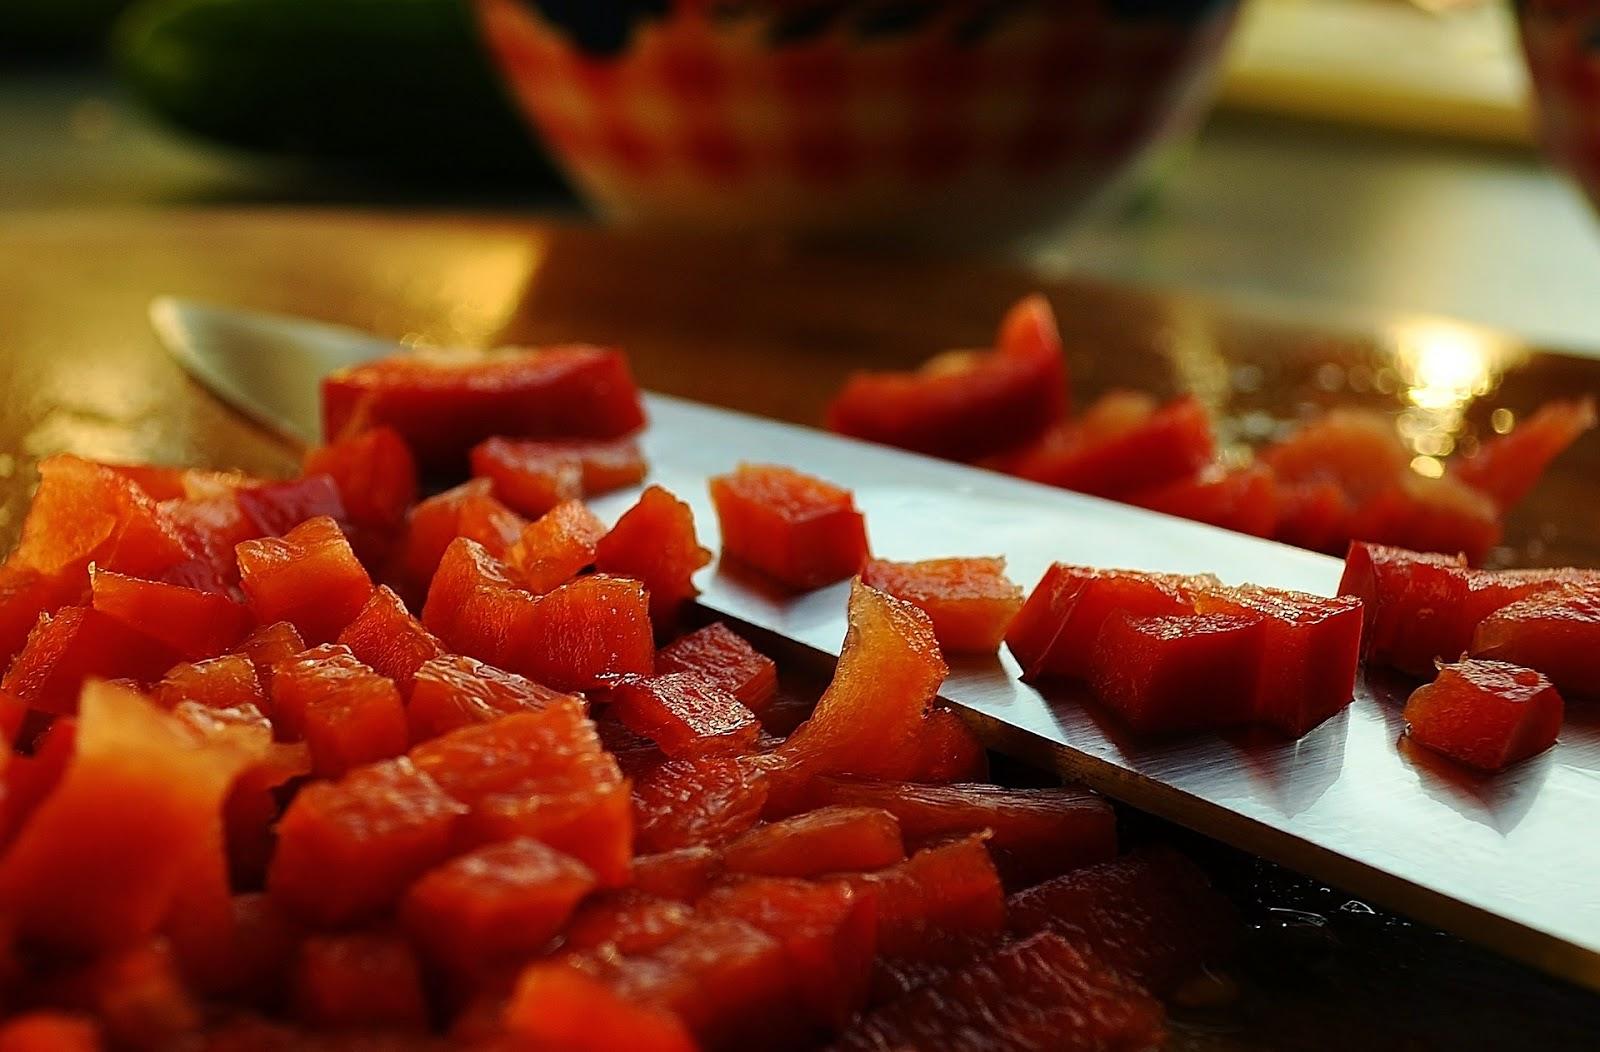 Πως μπορούμε να ακονίσουμε ένα μαχαίρι και ποιο είναι το καλύτερο ακόνι για μαχαίρια;